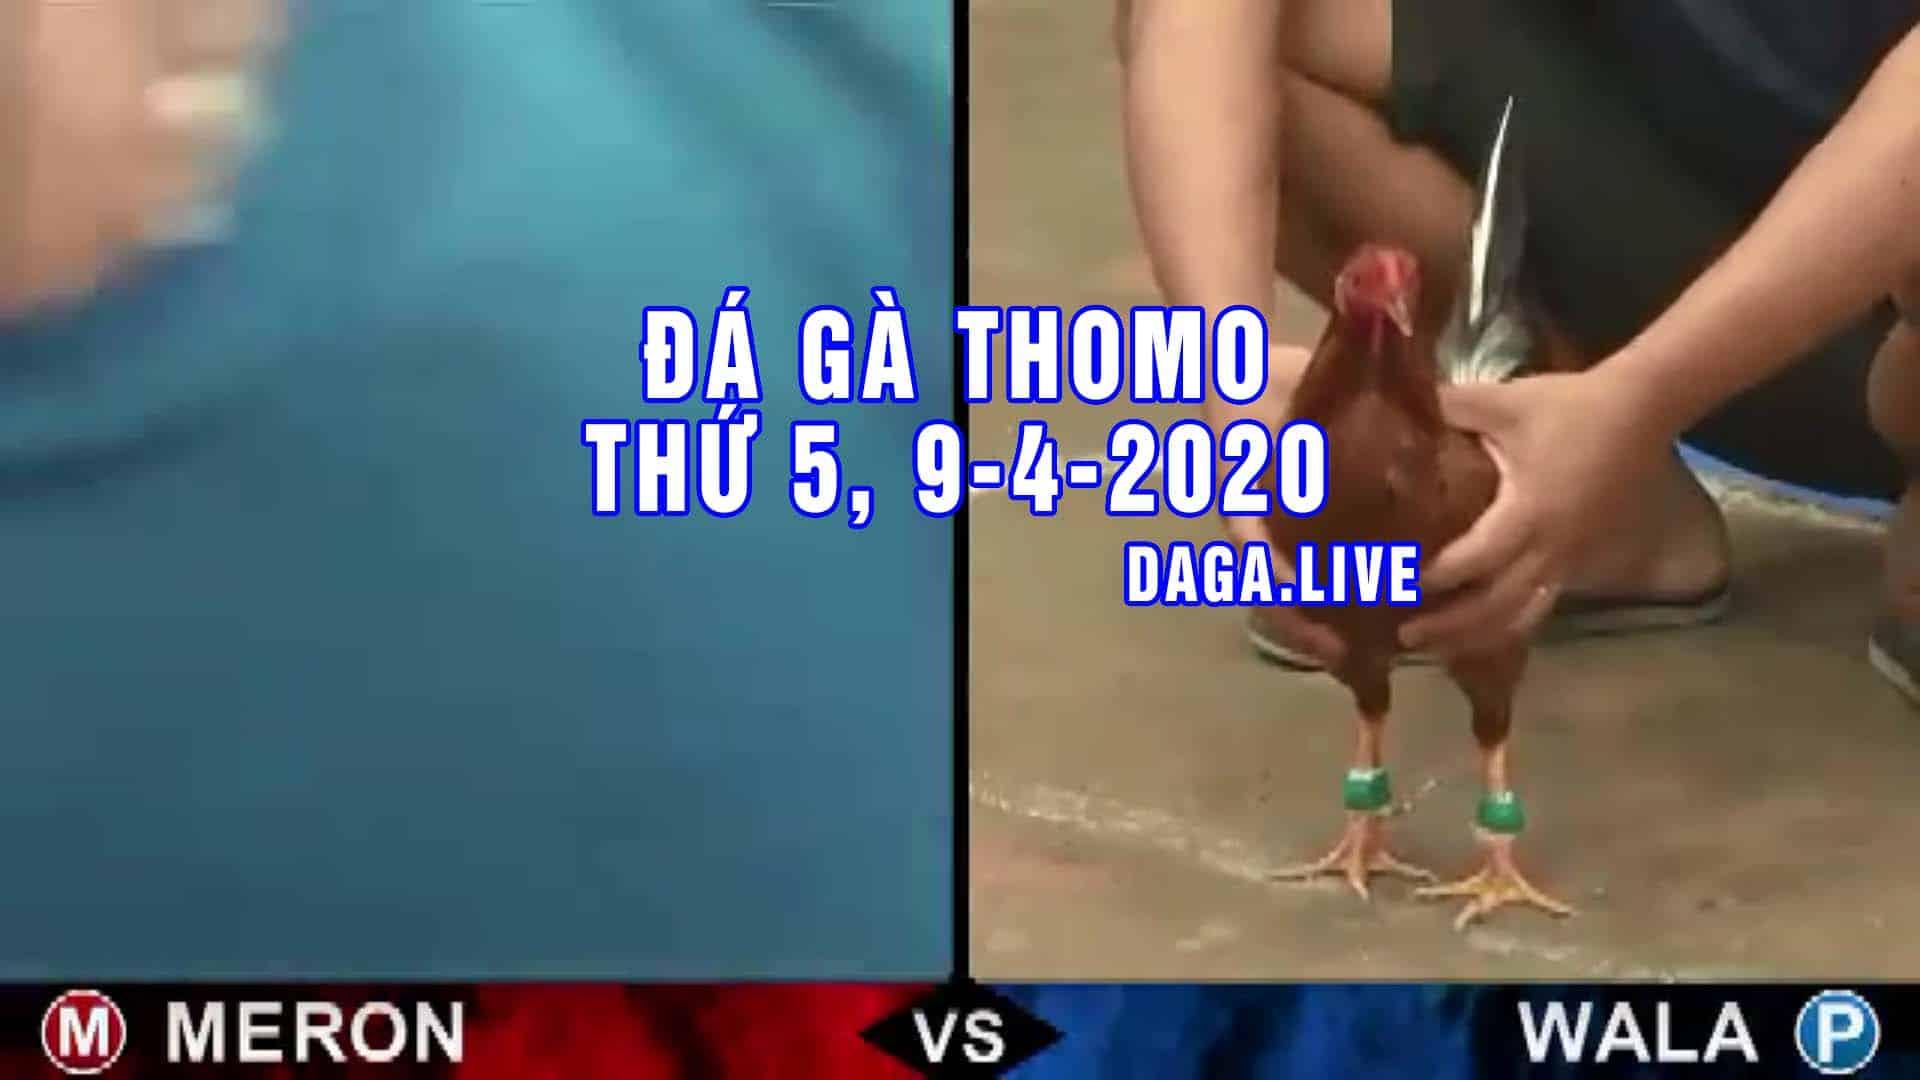 DAGA.LIVE - Đá gà trực tiếp thomo hôm nay, đá gà thomo, đá gà campuchia thứ 5 ngày 9-4-2020